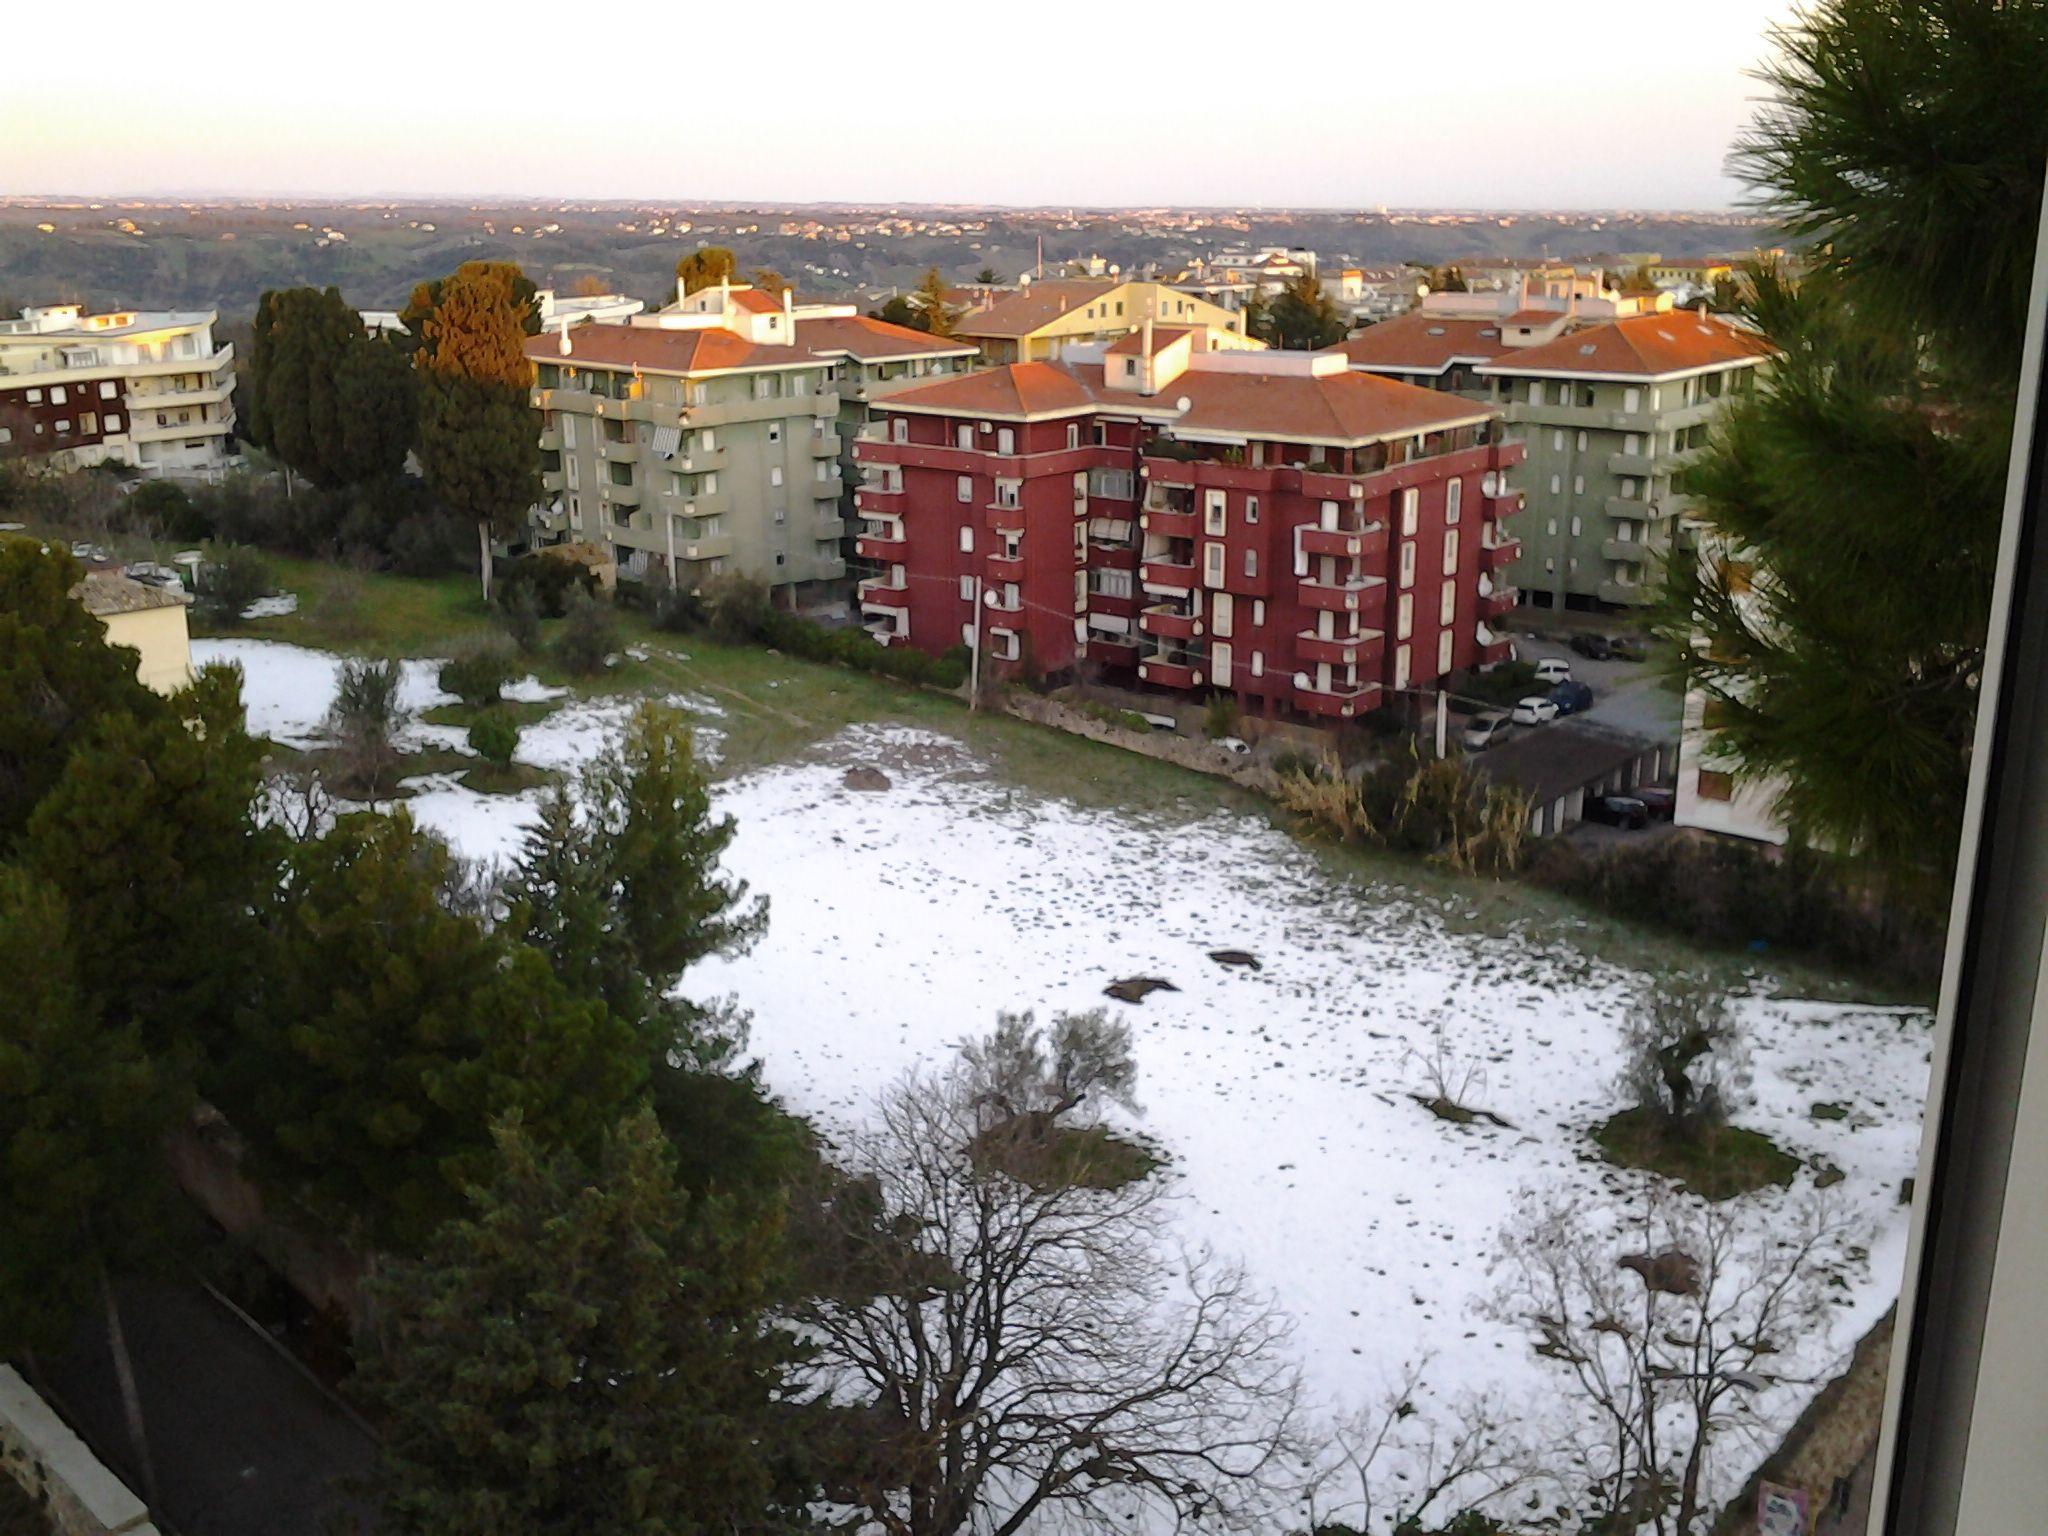 Nowcasting nivoglaciale Appennini dall' inverno 2014 all'inverno 2015-foto3357.jpg